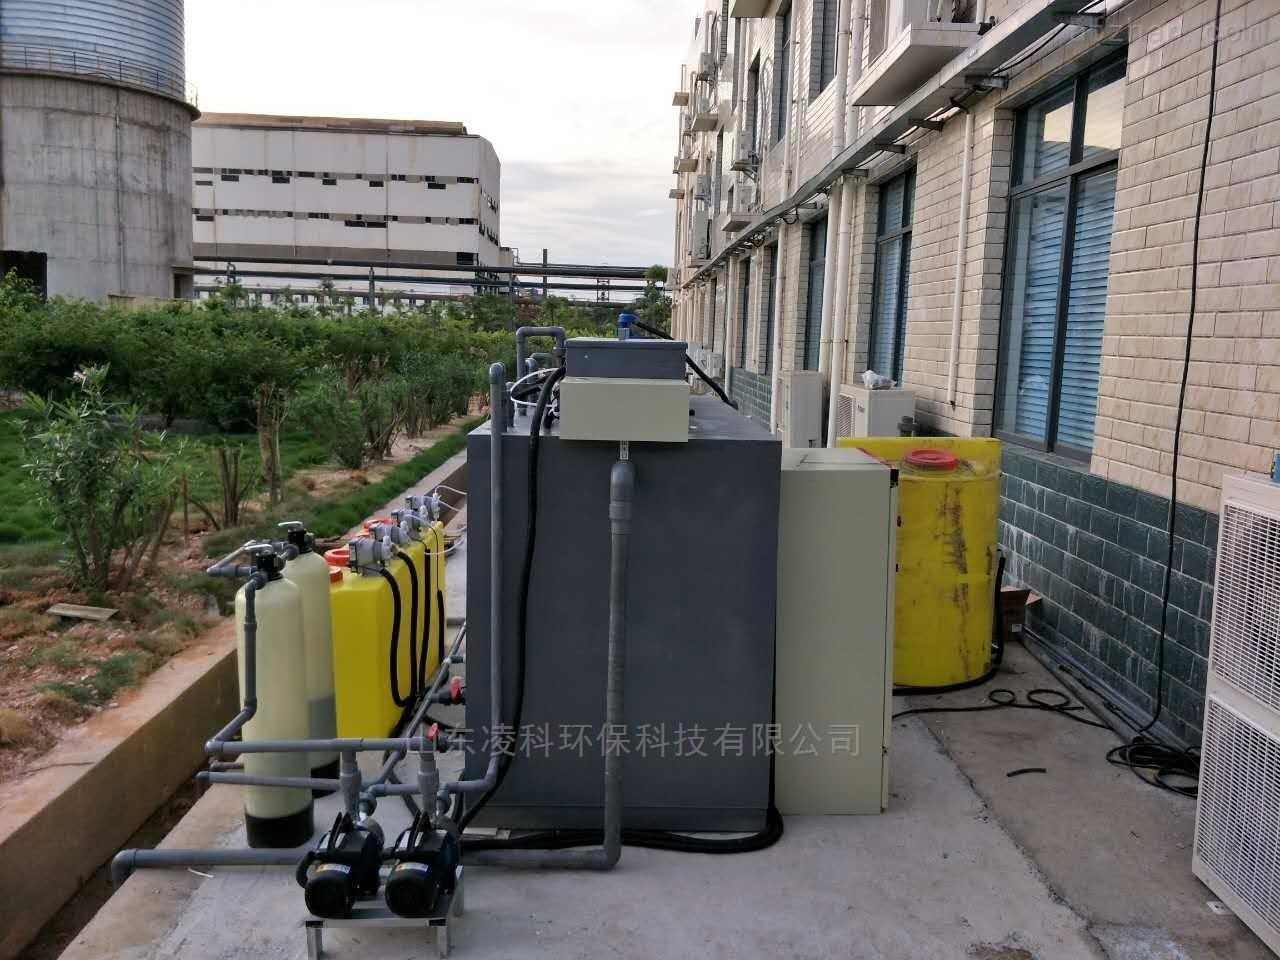 防城港中心血站废水处理设备怎么安装